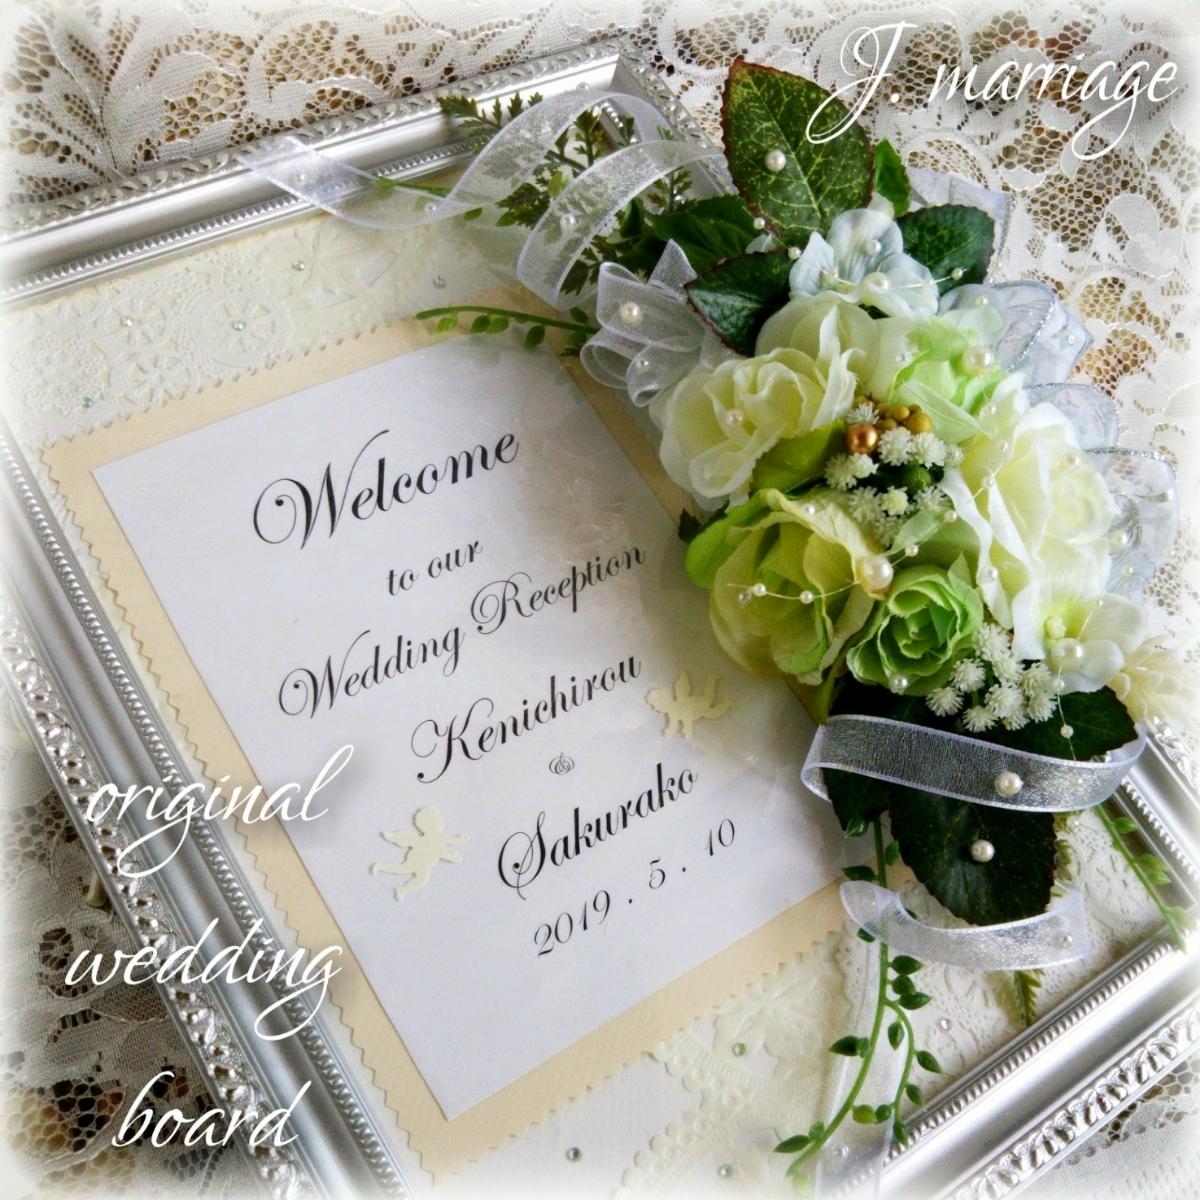 ウェディング 結婚式 ウェルカムボード ご案内ボード 教室 展示会 展覧会 発表会 イベント お知らせボード ブライダル ウエディング 清楚 _画像2